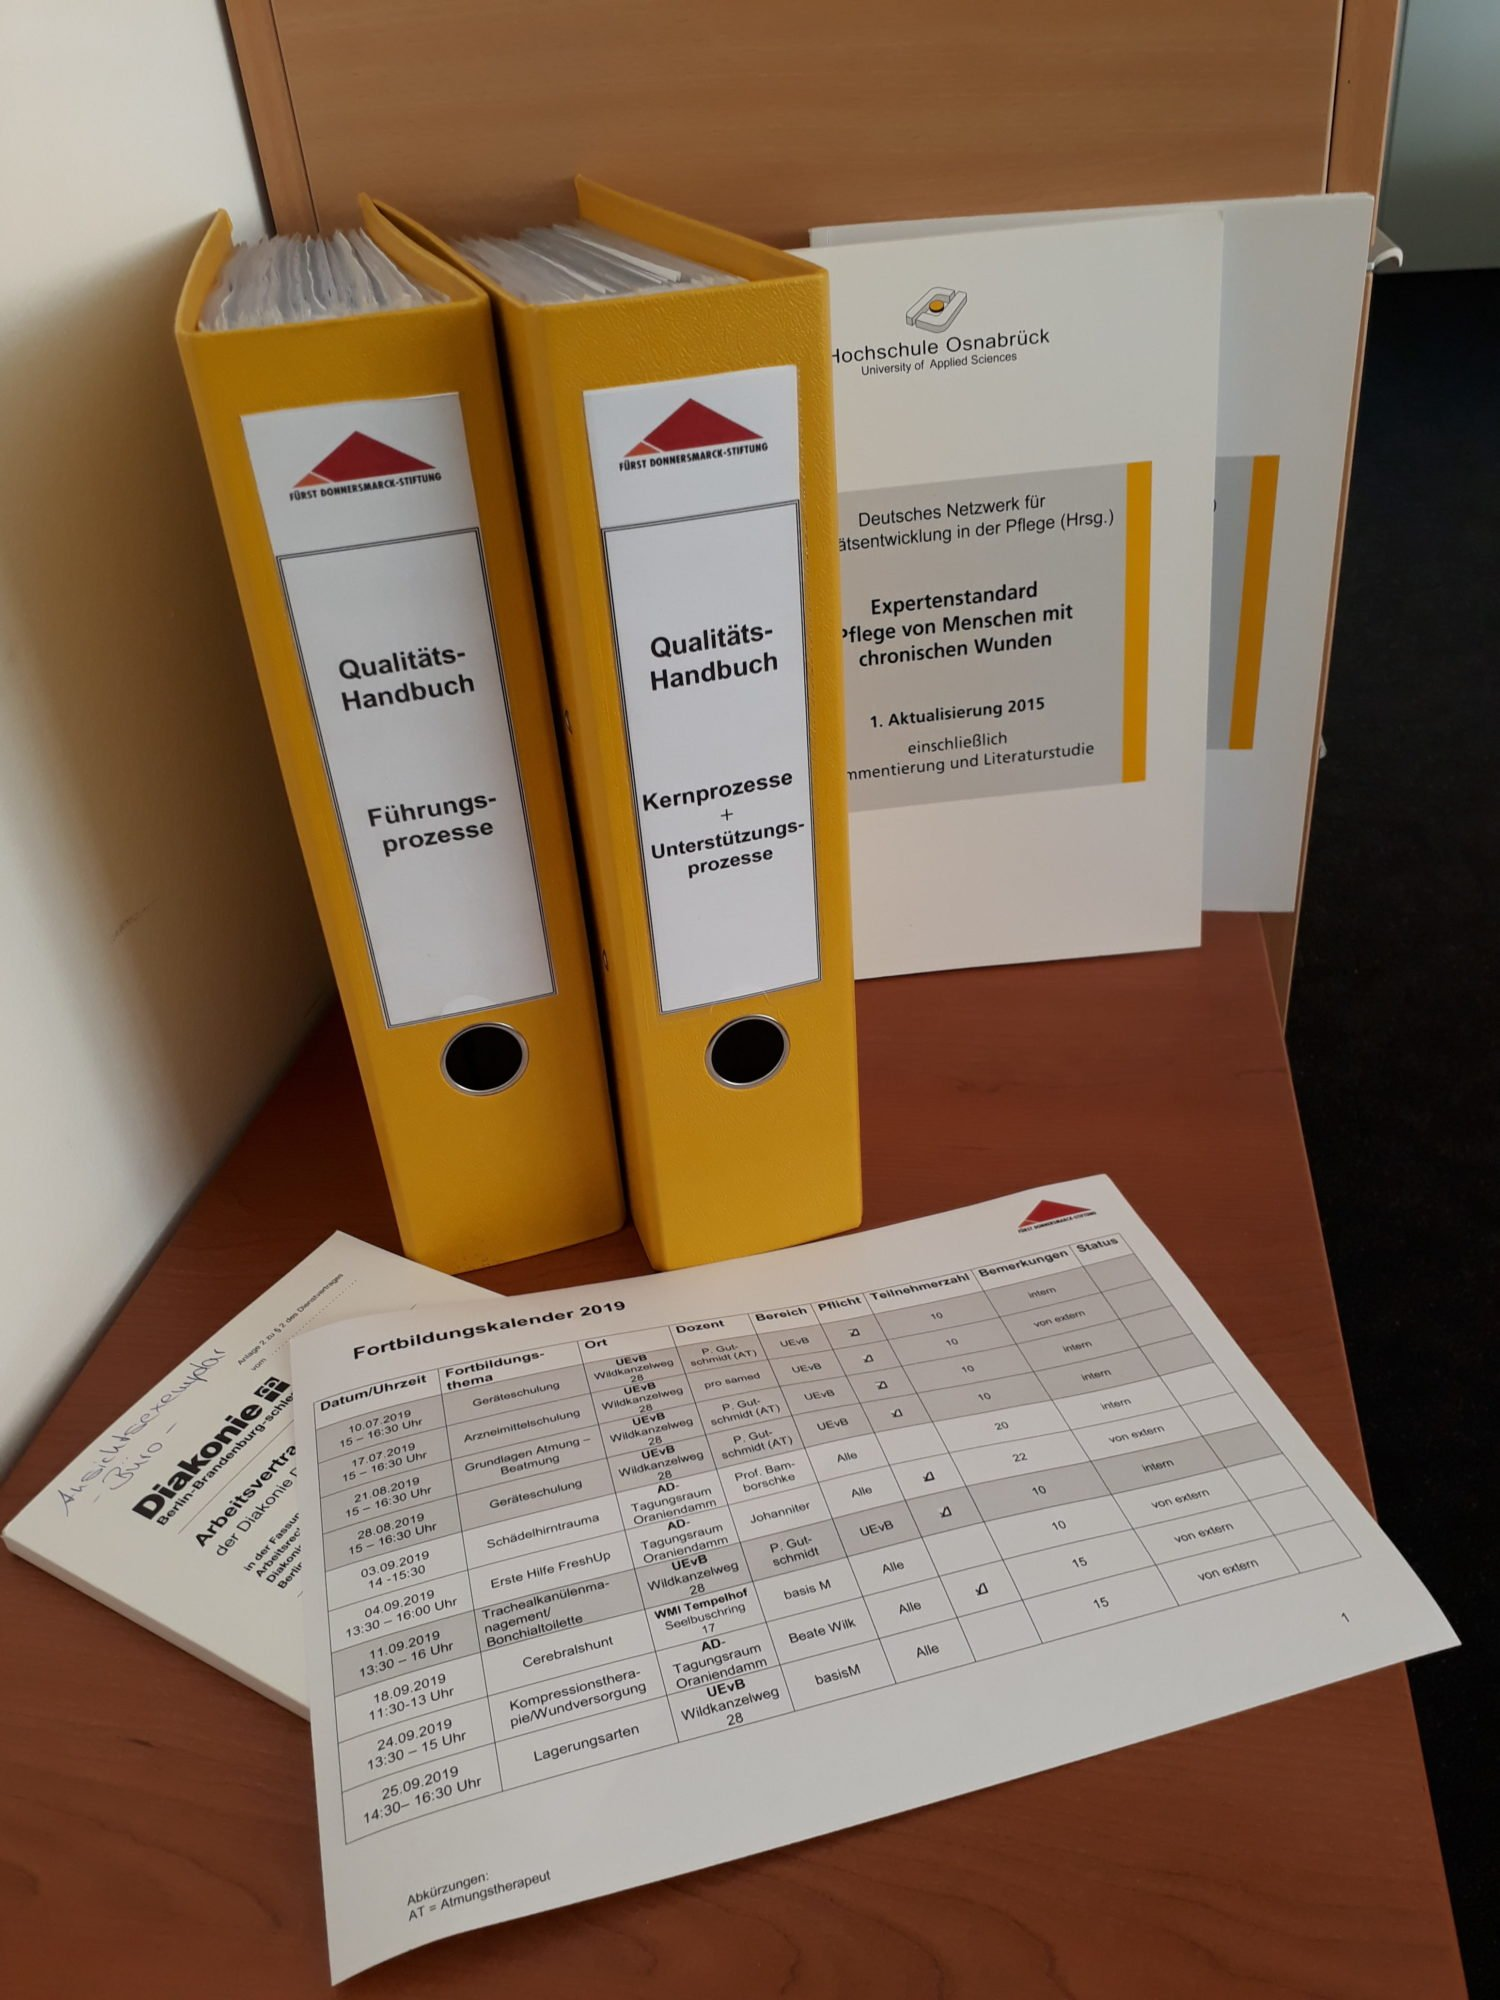 Ein Ordner, gedruckte Expertenstandards und eine Exceltabelle sind zu sehen